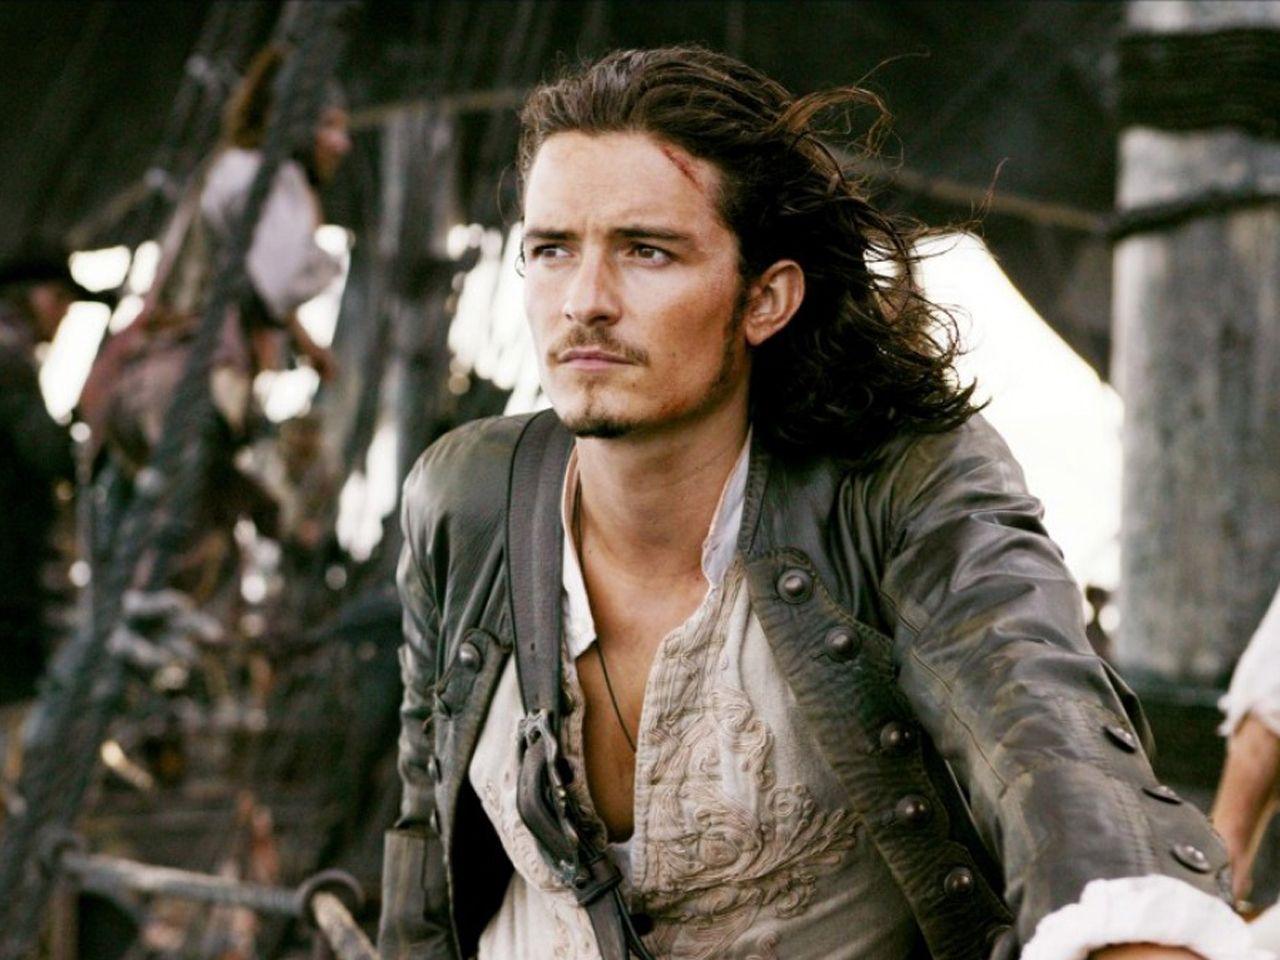 Orlando Bloom quiere volver a 'Piratas del Caribe'